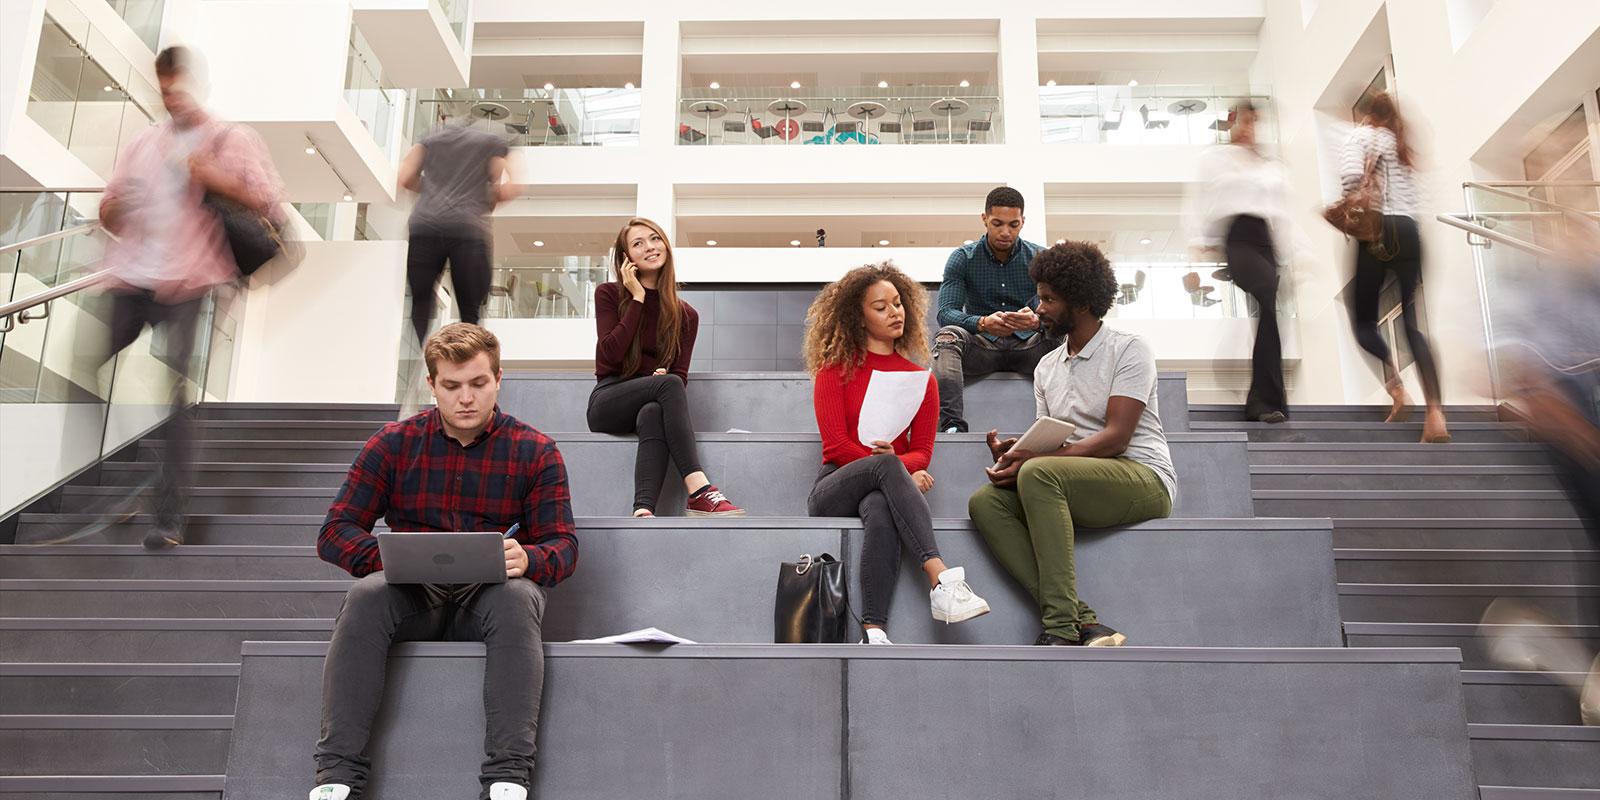 Studentent auf einem Universitäts-Campus